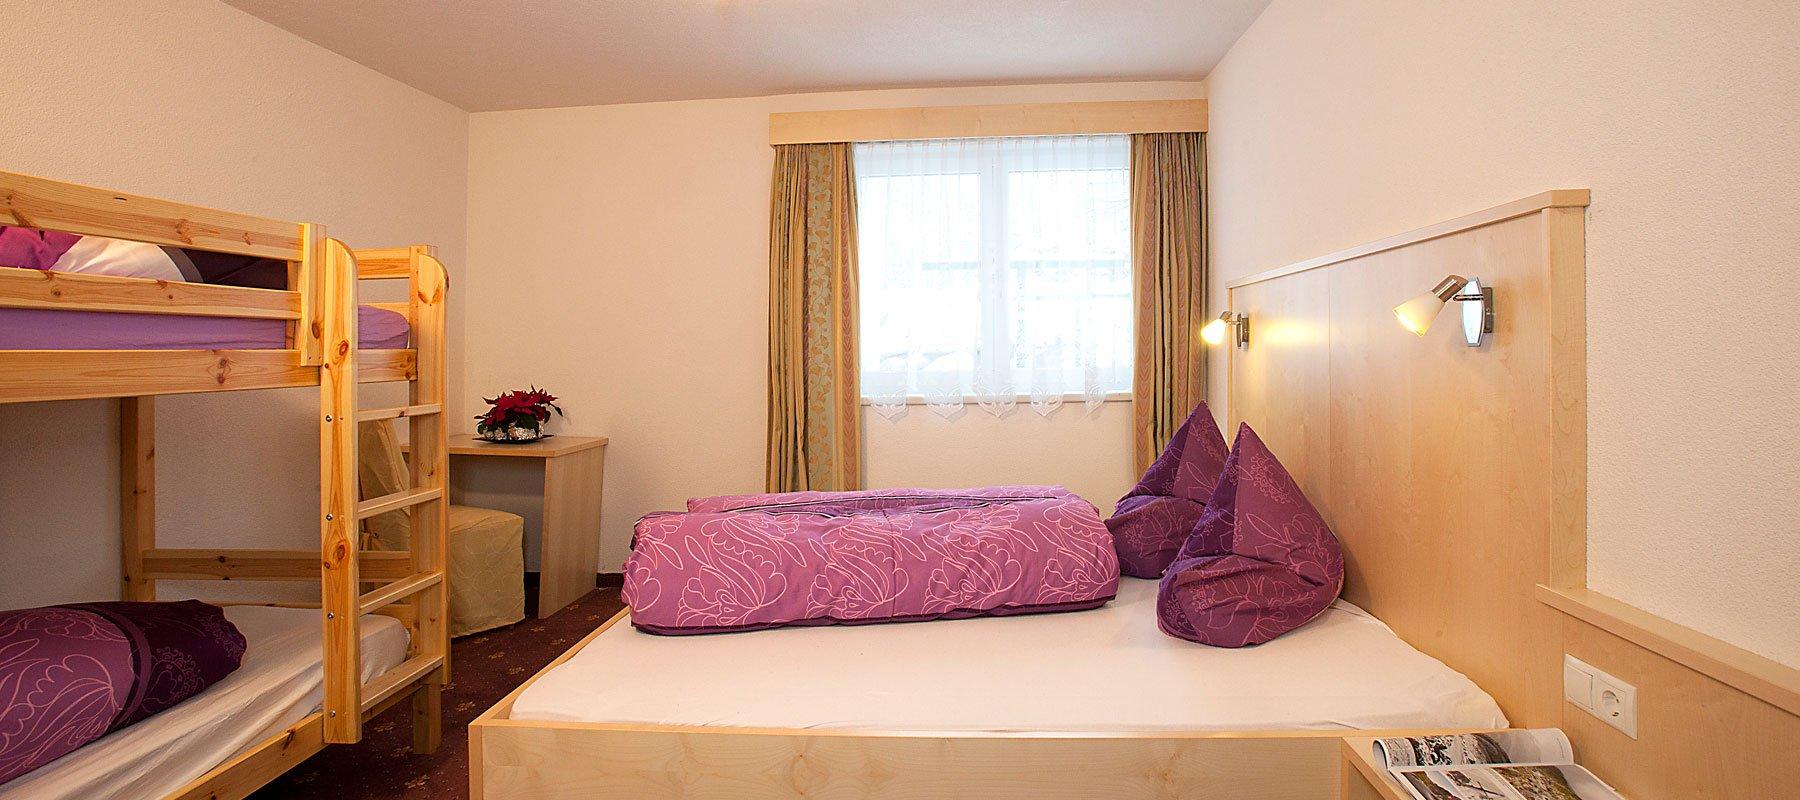 Haus Alpenflora Dreibettzimmer